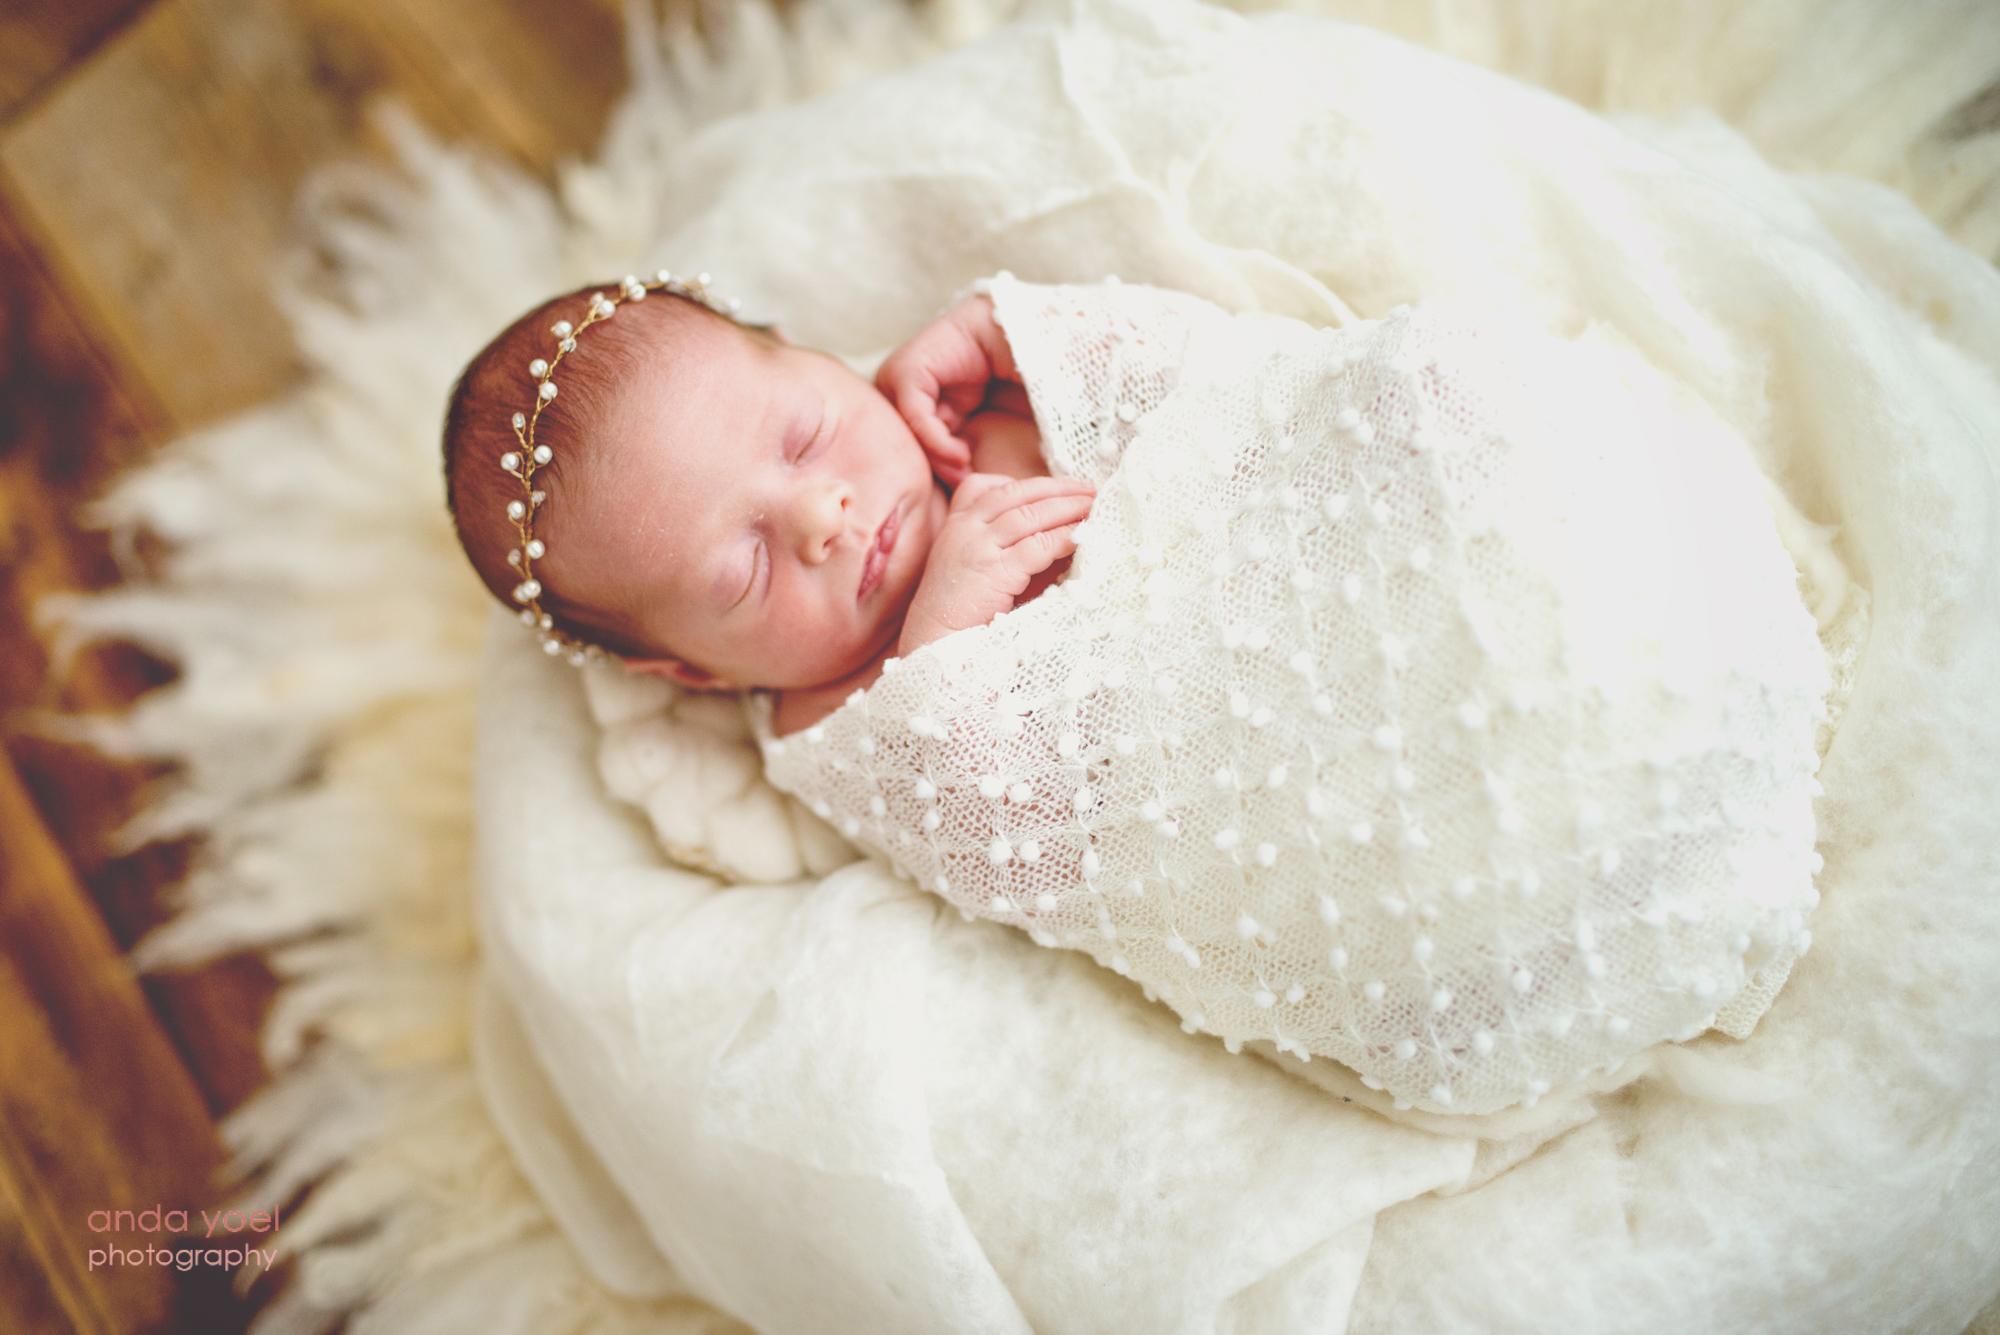 2תינוקת ניו בורן עטופה עיטוף לבן על רקע כרית לבנה - צילום אנדה יואל